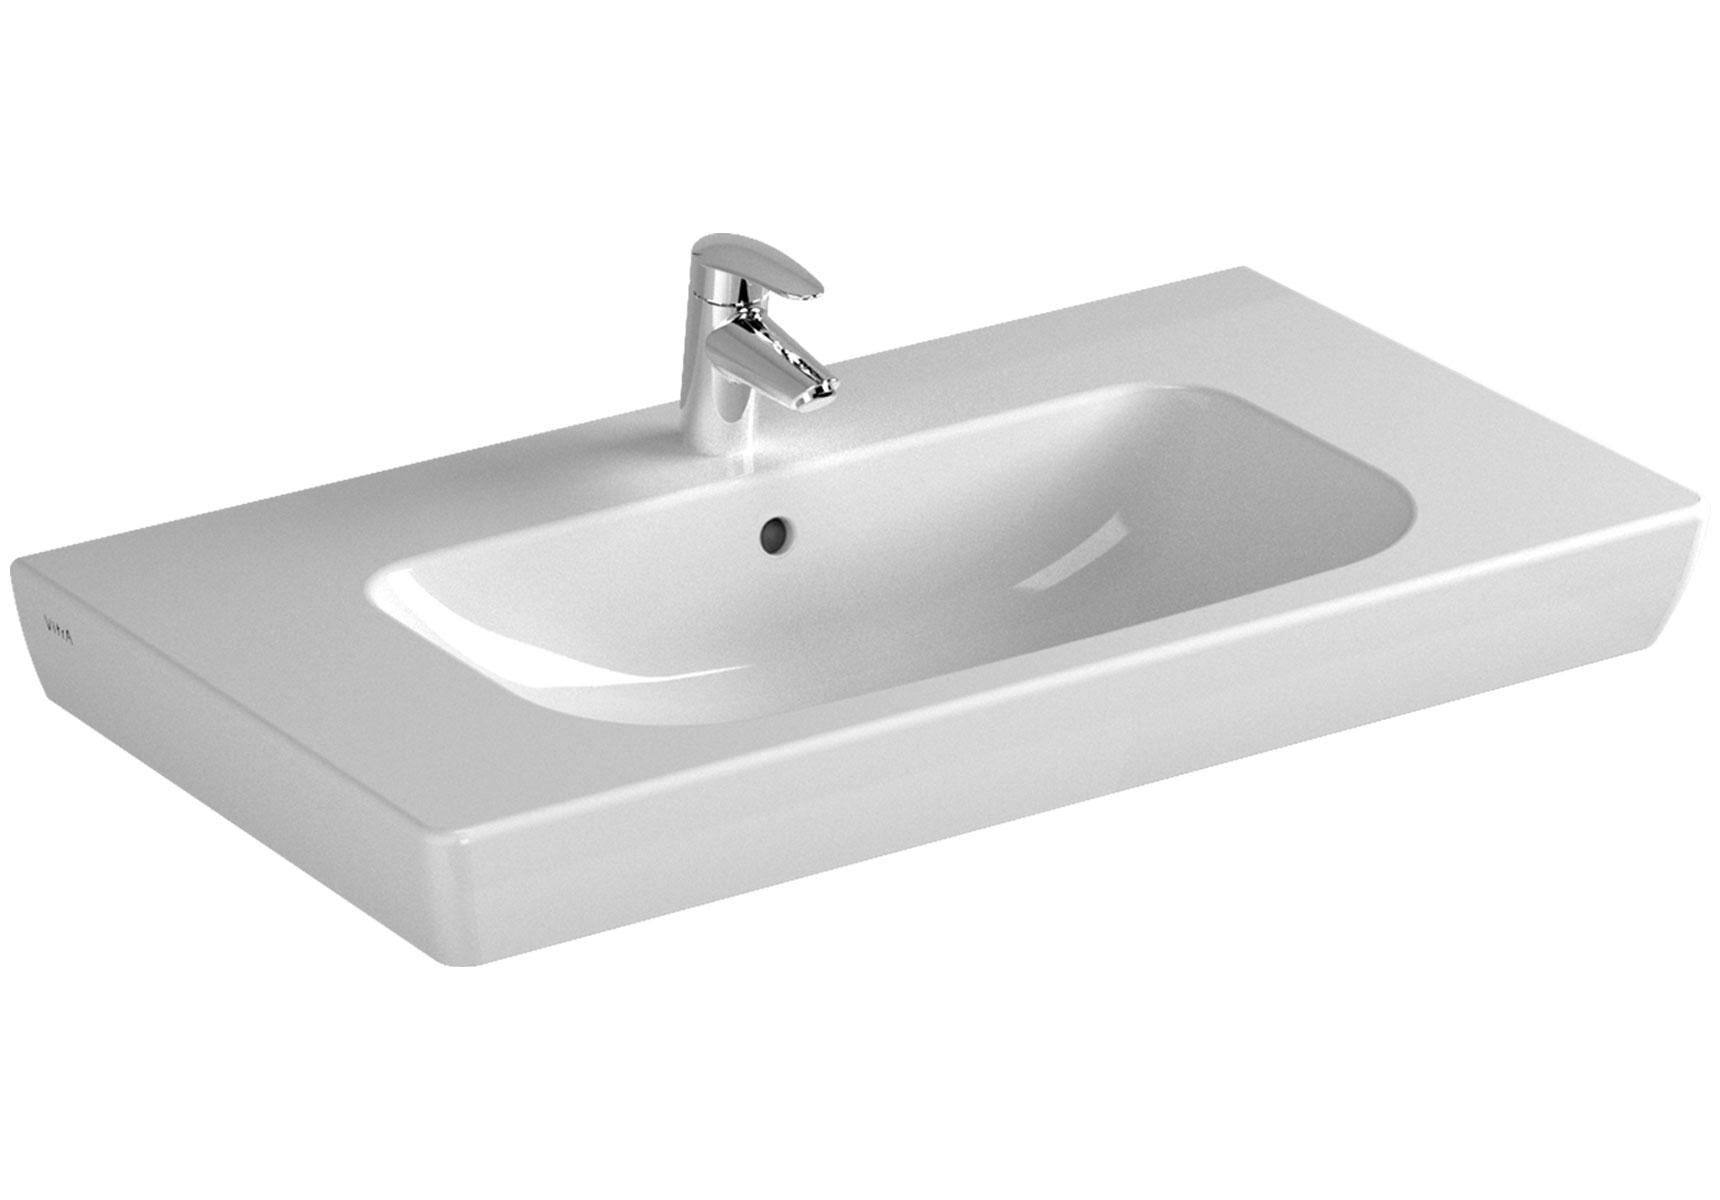 S20 plan céramique, 85 cm, 1 trou central pour robinet, avec trop-plein, blanc